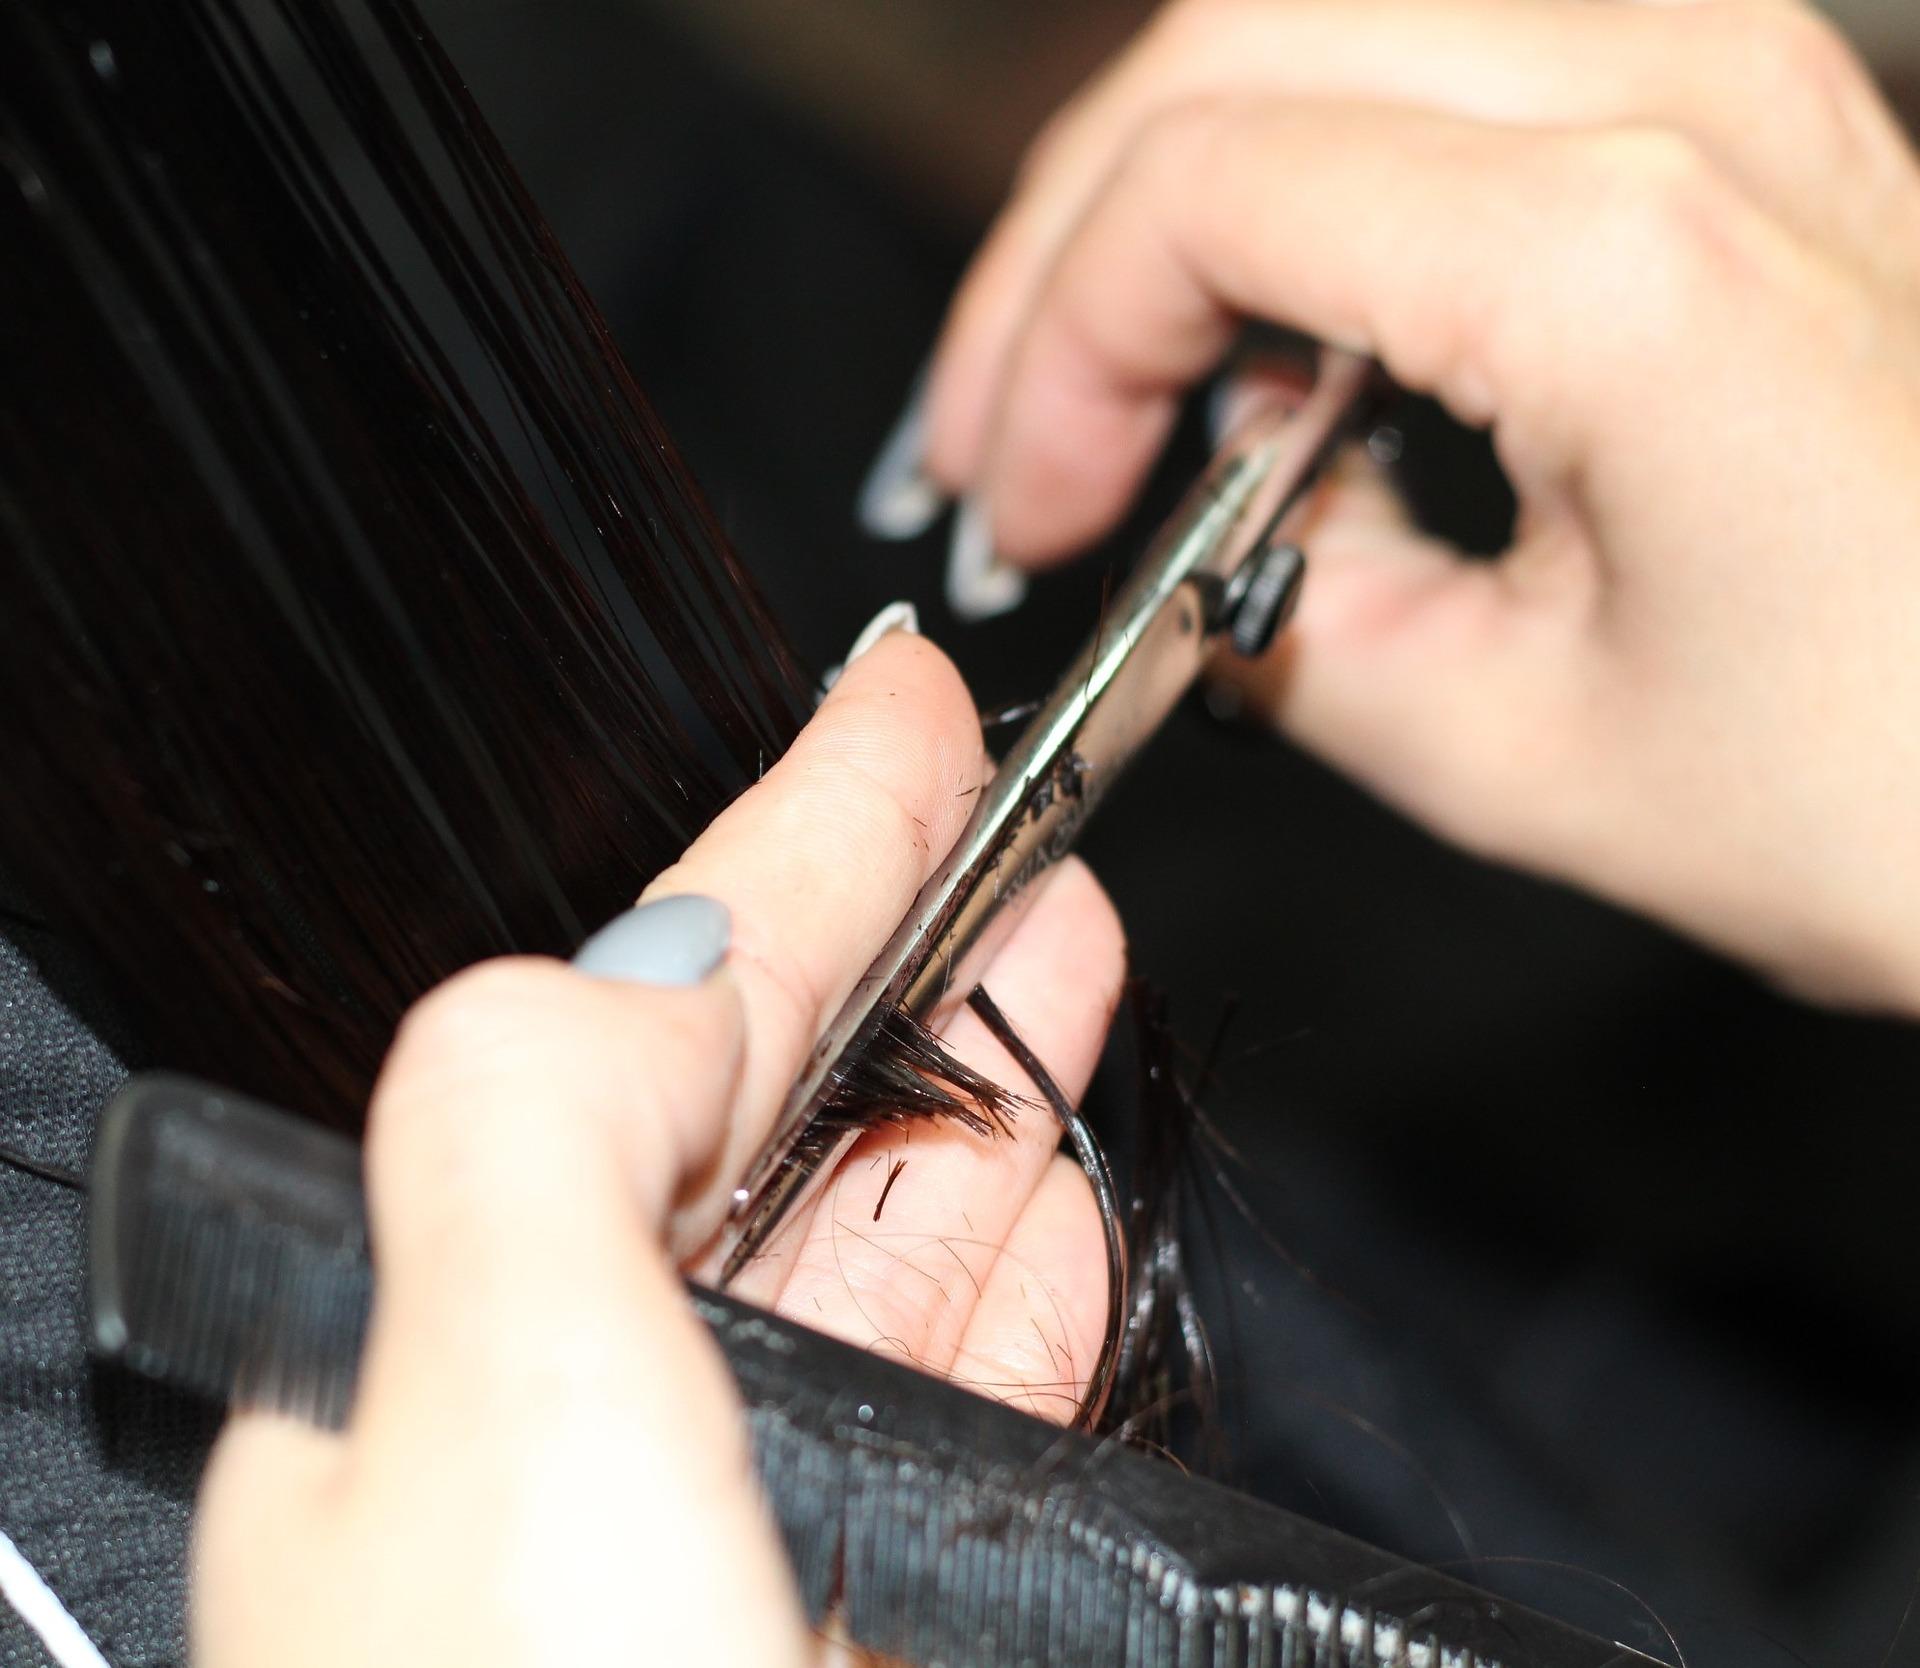 横浜反町美容院ユメユイの弱酸性縮毛矯正とデジタルアイロンパーマの微調整カット画像